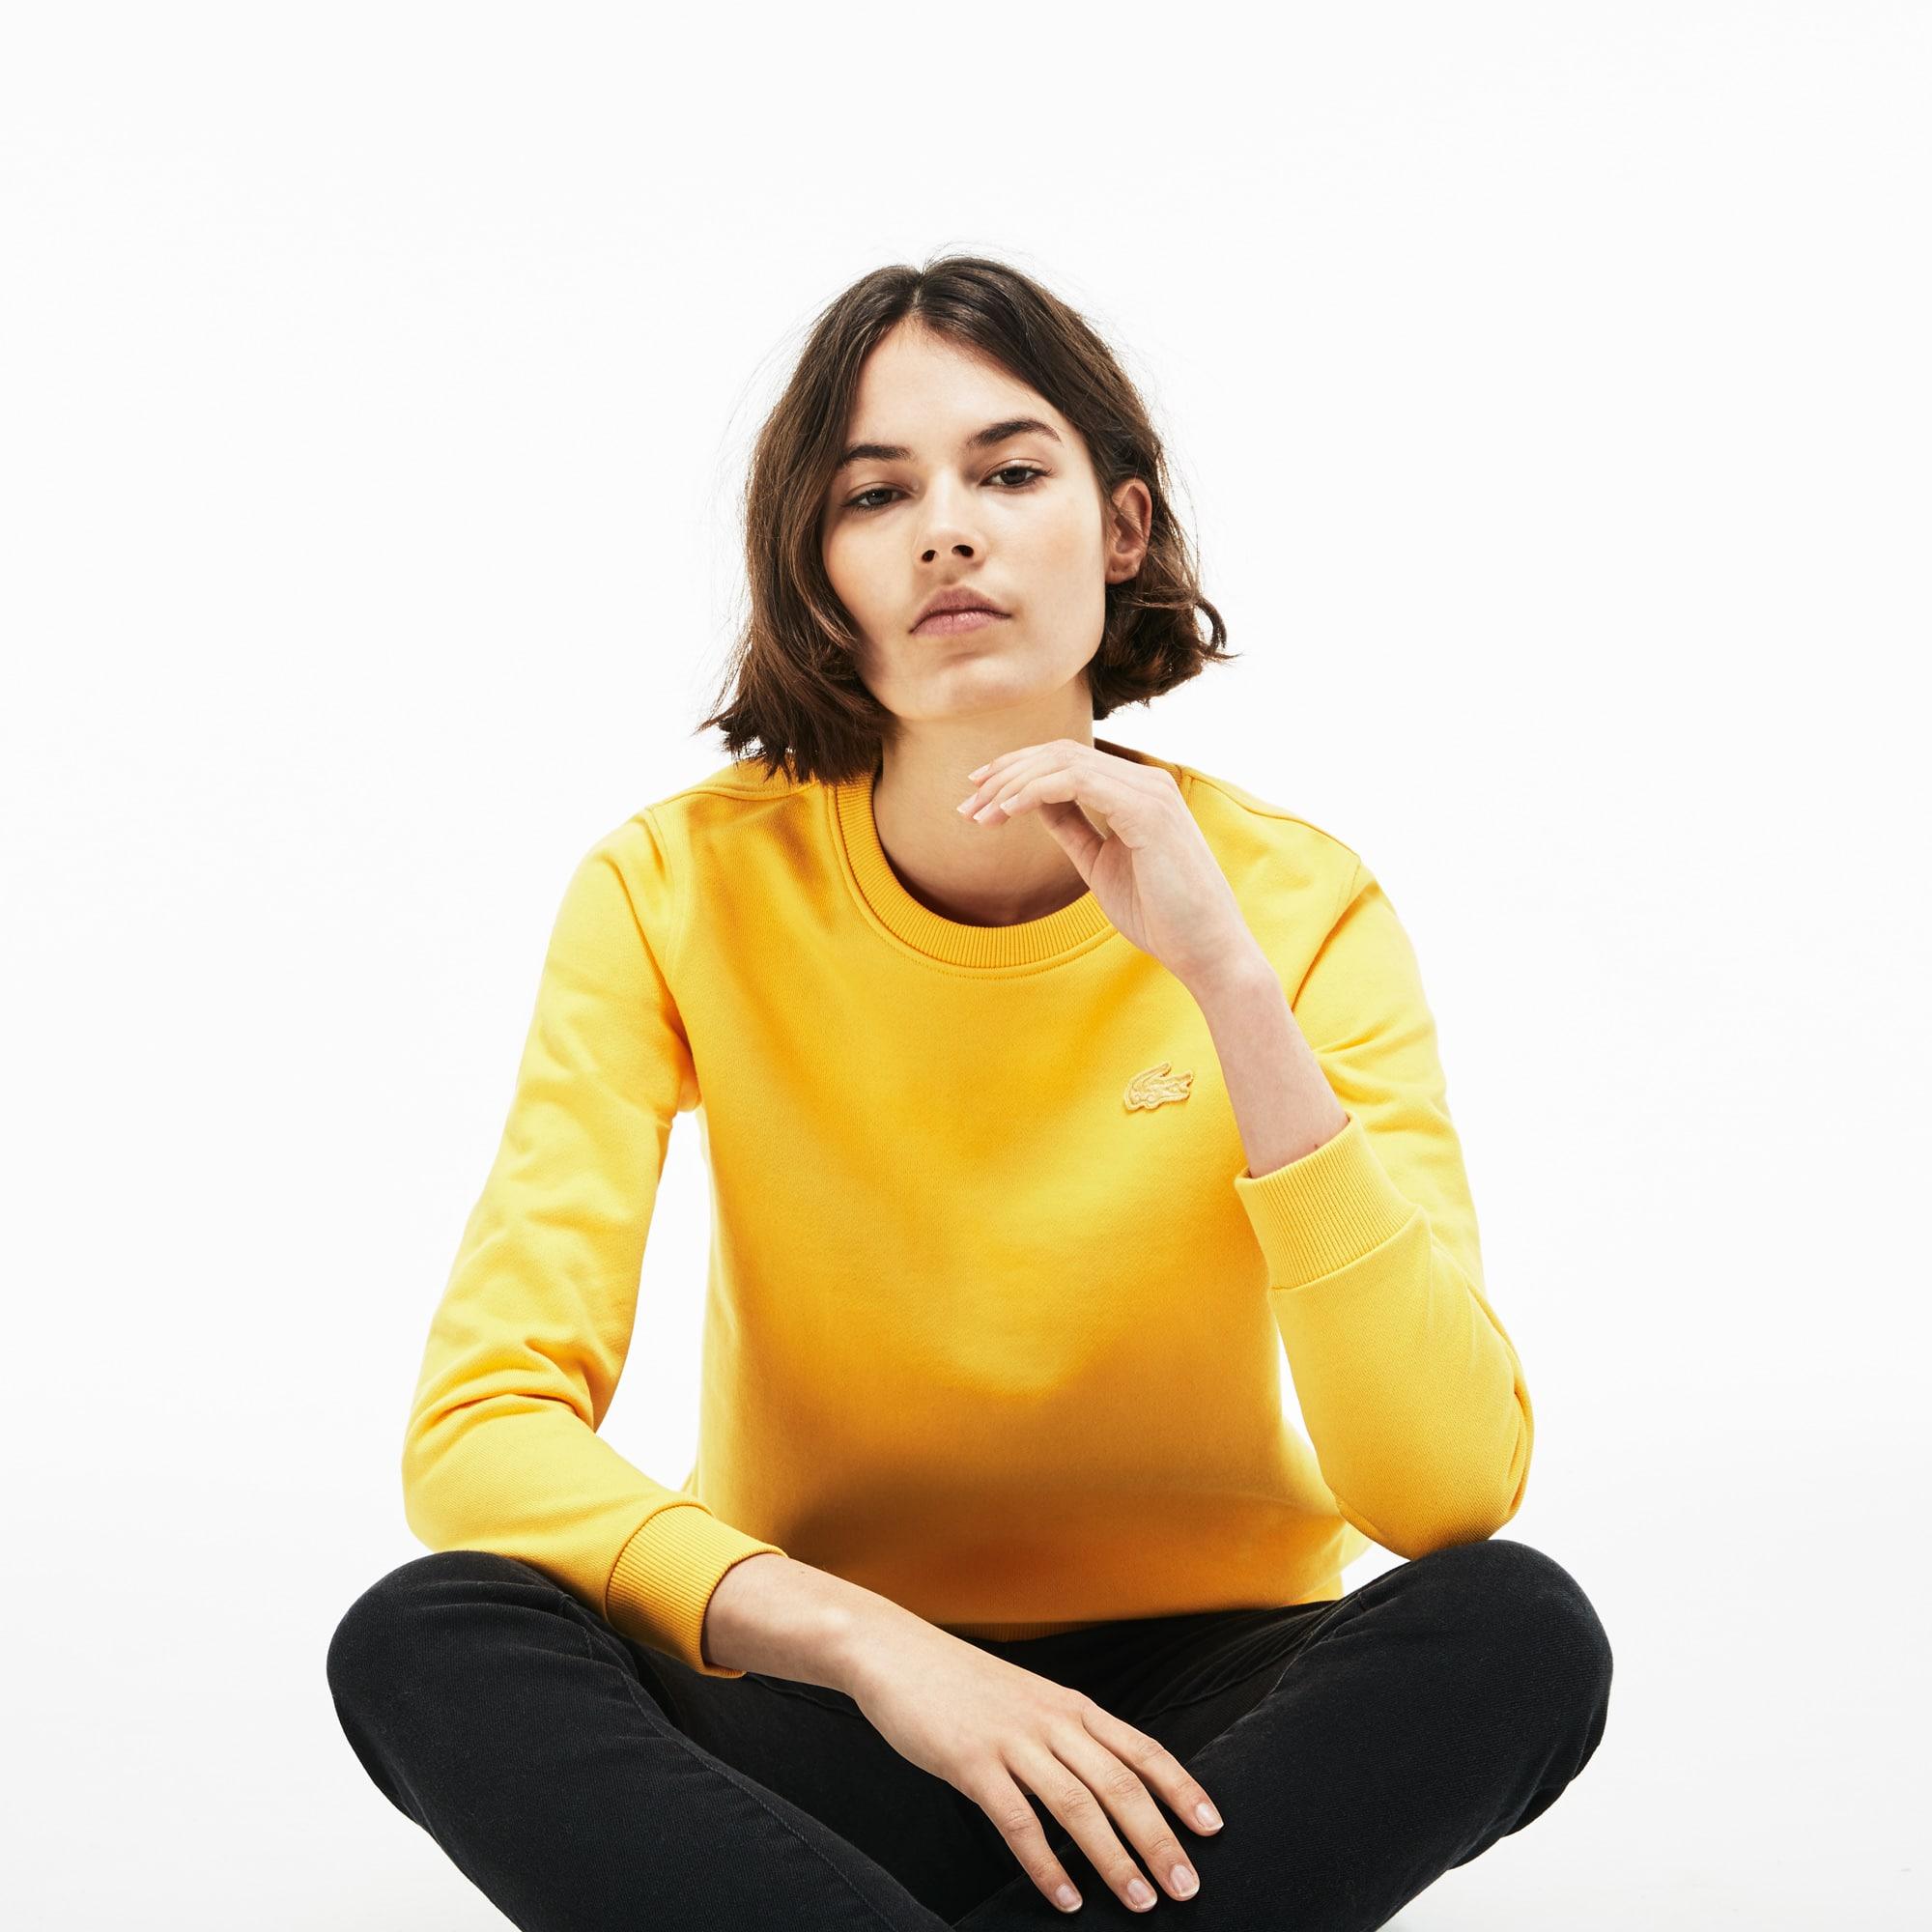 Lacoste - Damen-Sweatshirt mit Schlüssellochausschnitt LACOSTE L!VE - 7